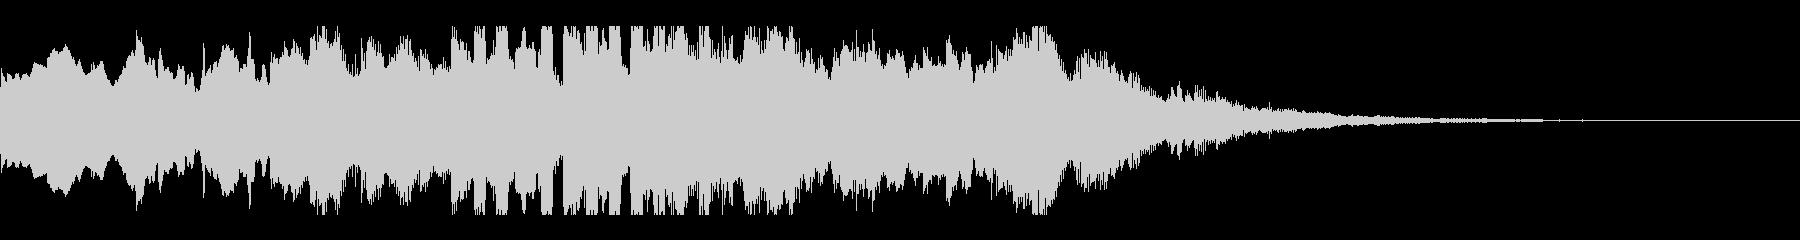 ゆったりしたアテンション音の未再生の波形